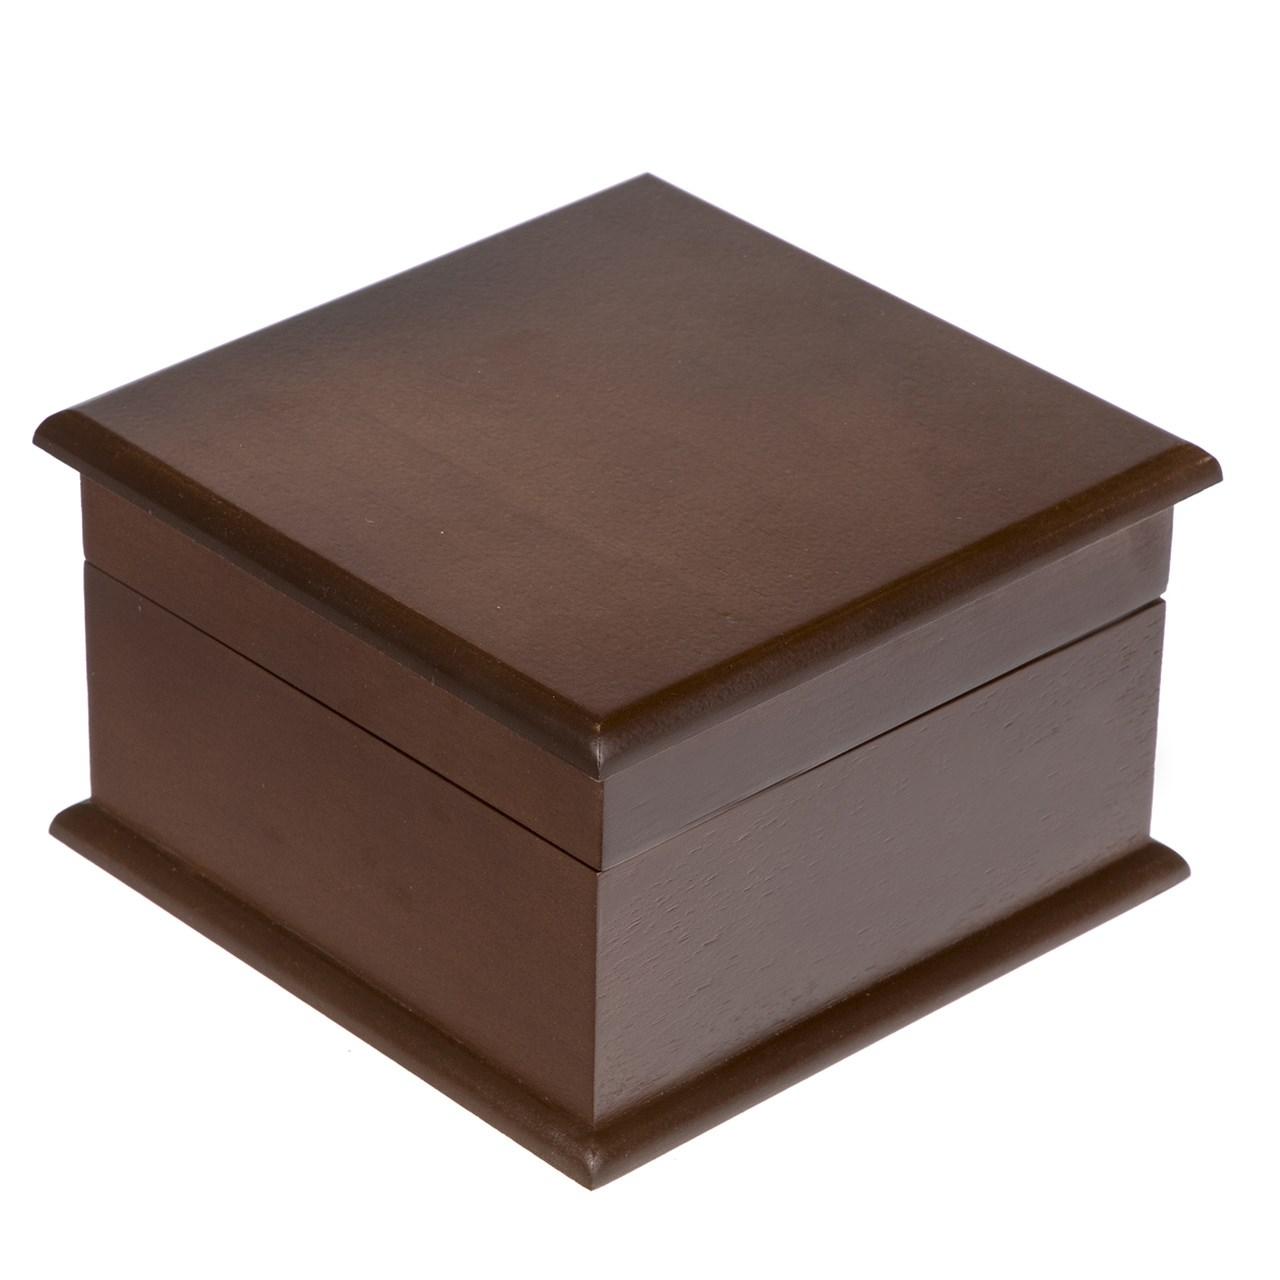 جعبه پذیرایی آزین چوب کد RJP-700